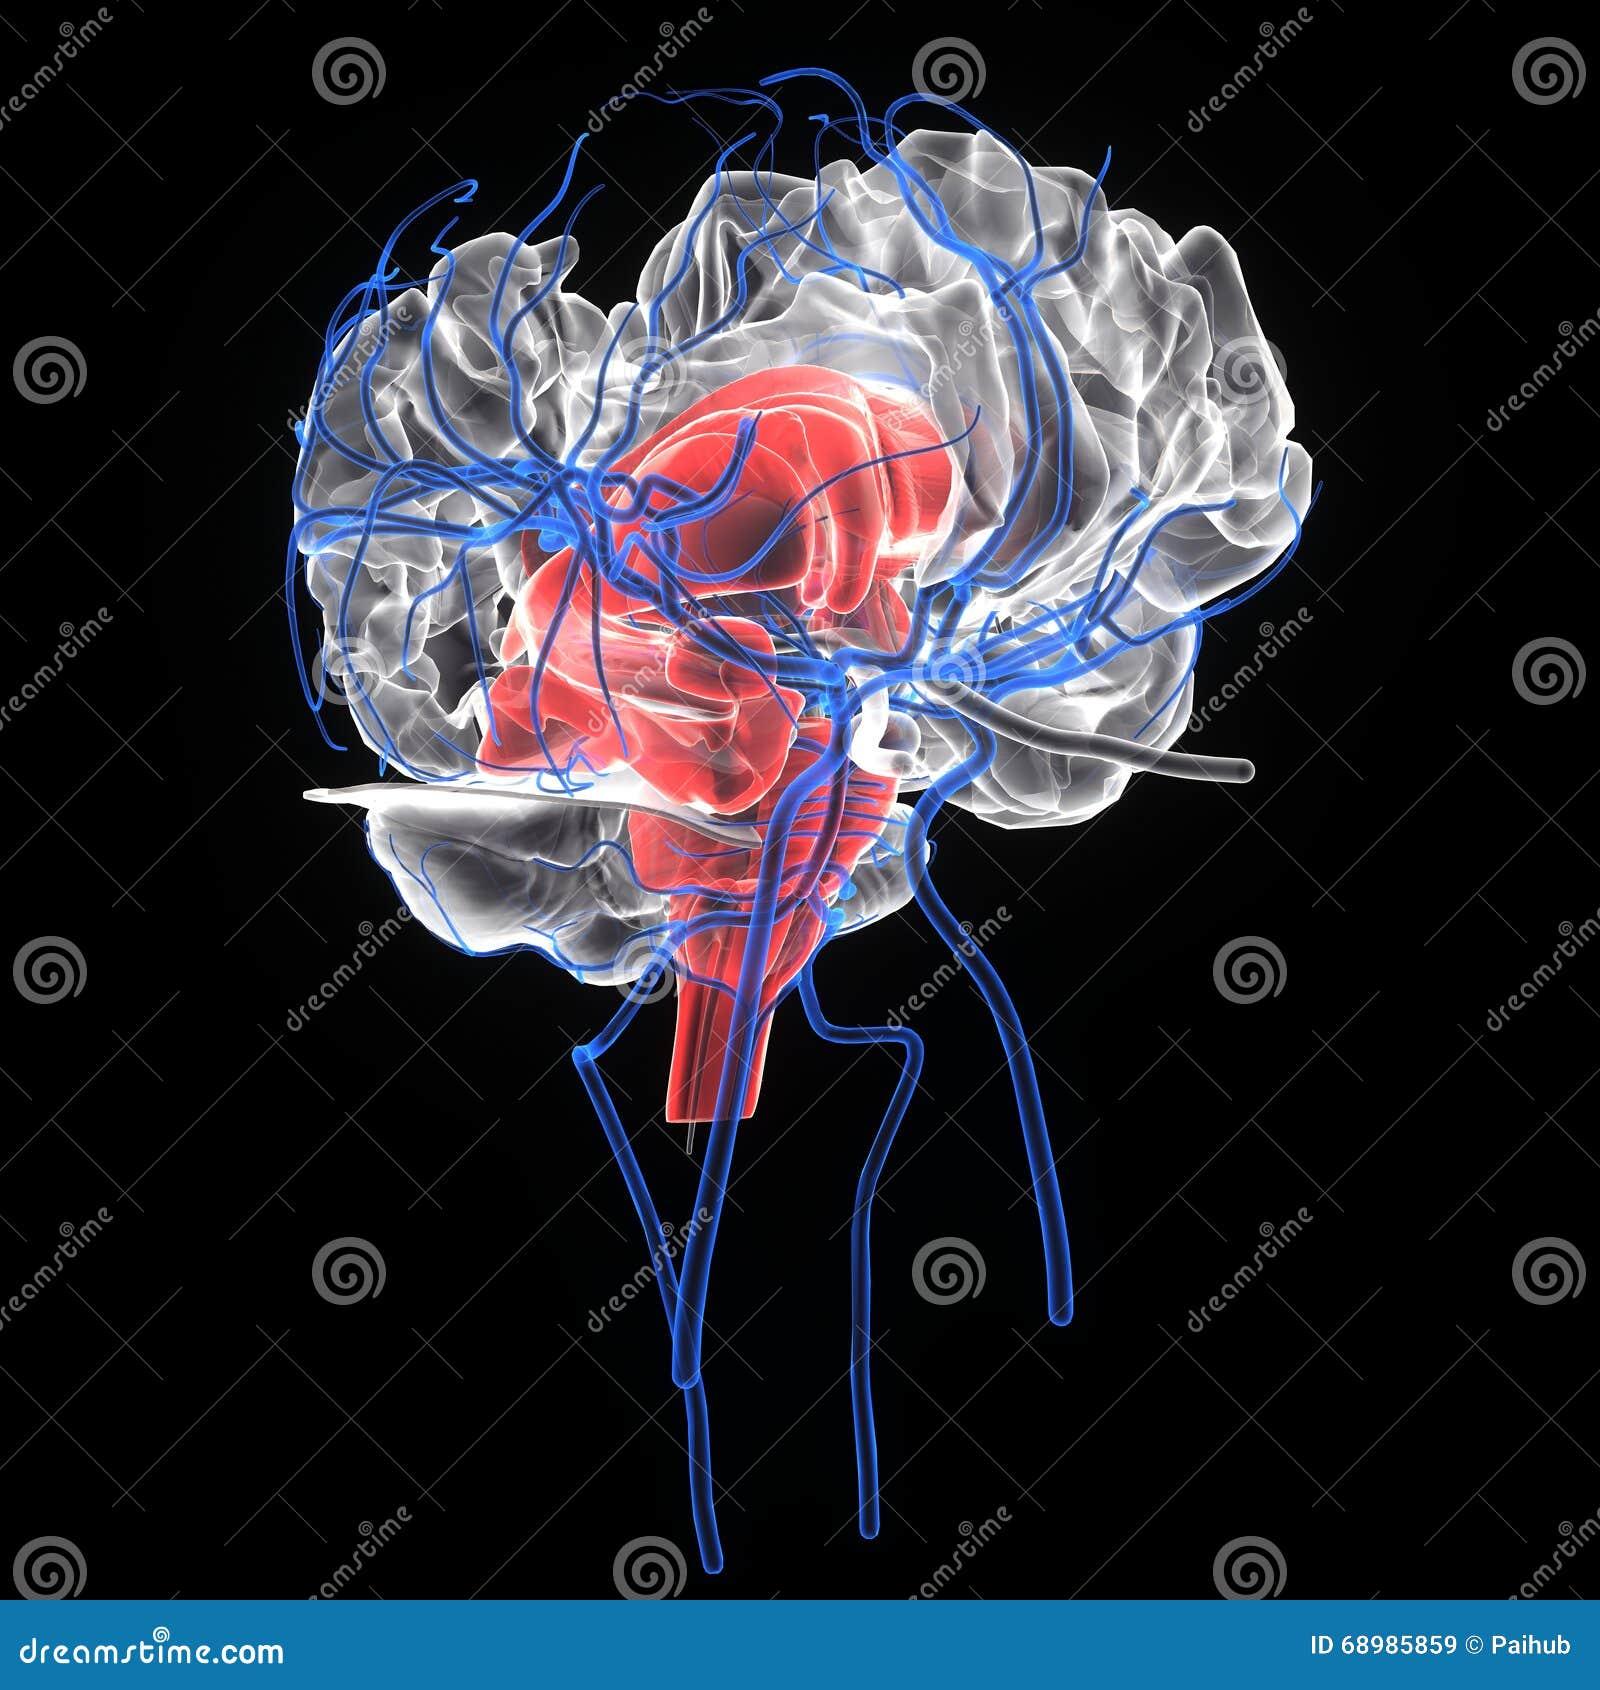 3d rindió el ejemplo médicamente exacto de la anatomía del cerebro